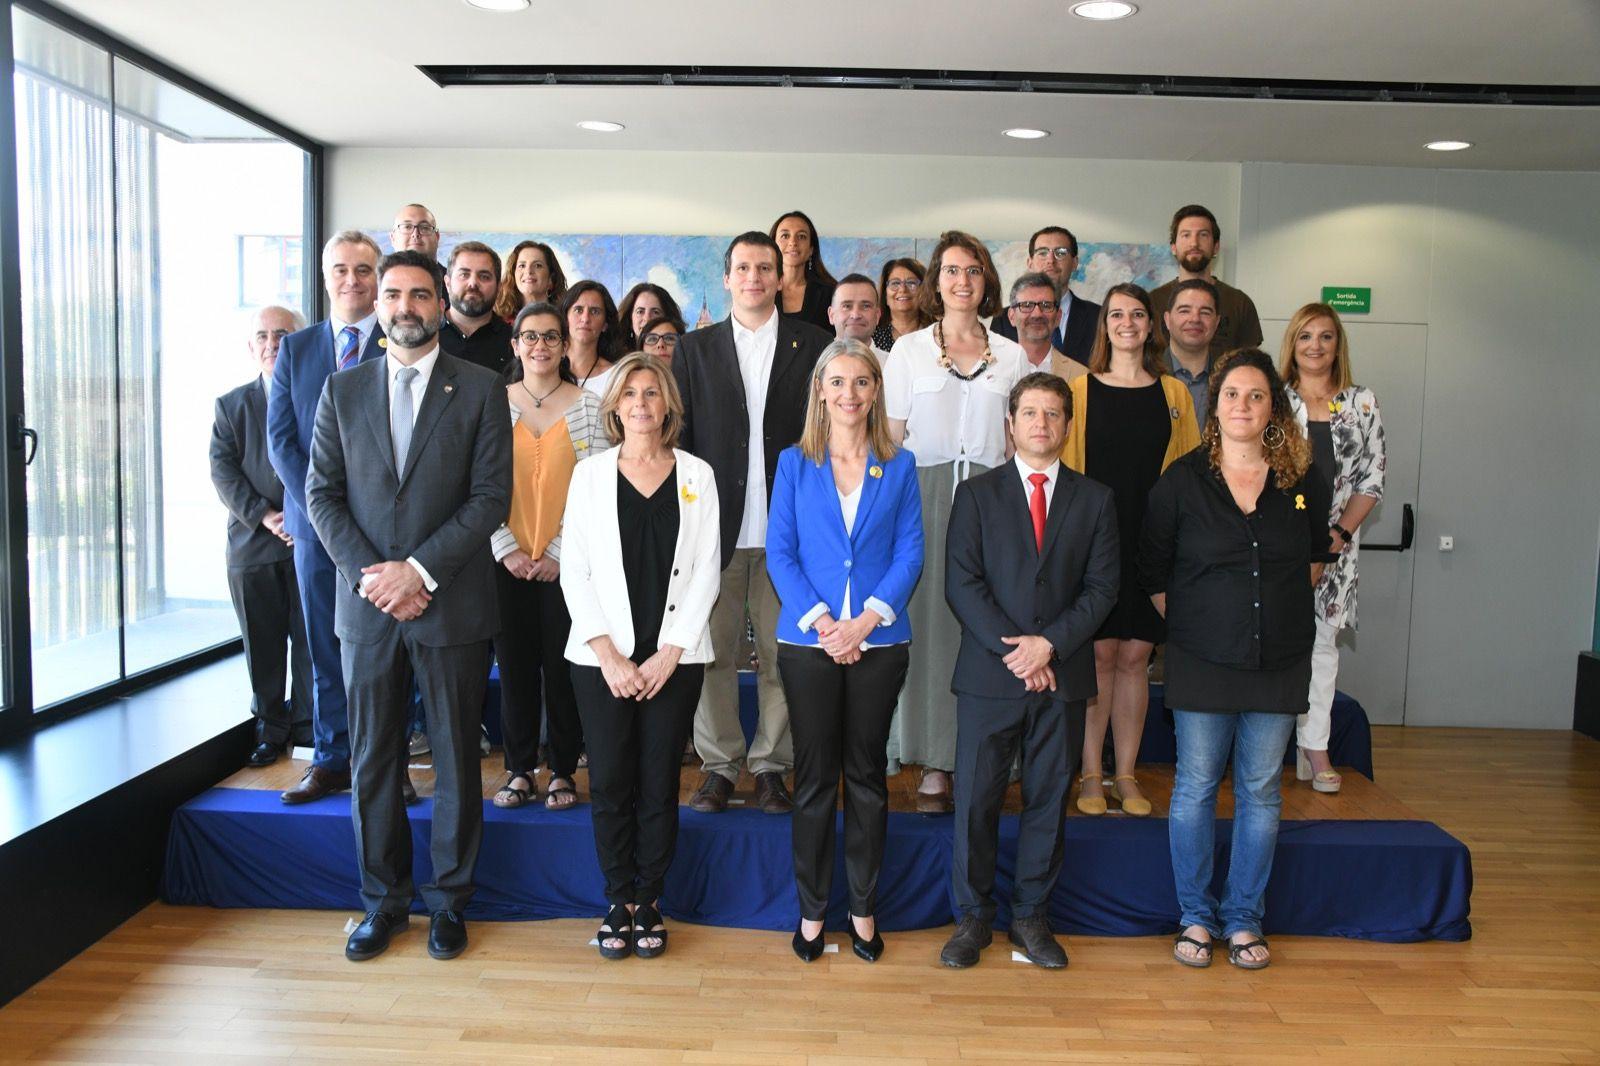 Foto de família dels 25 regidors santcugatencs. FOTO: Miguel López Mallach